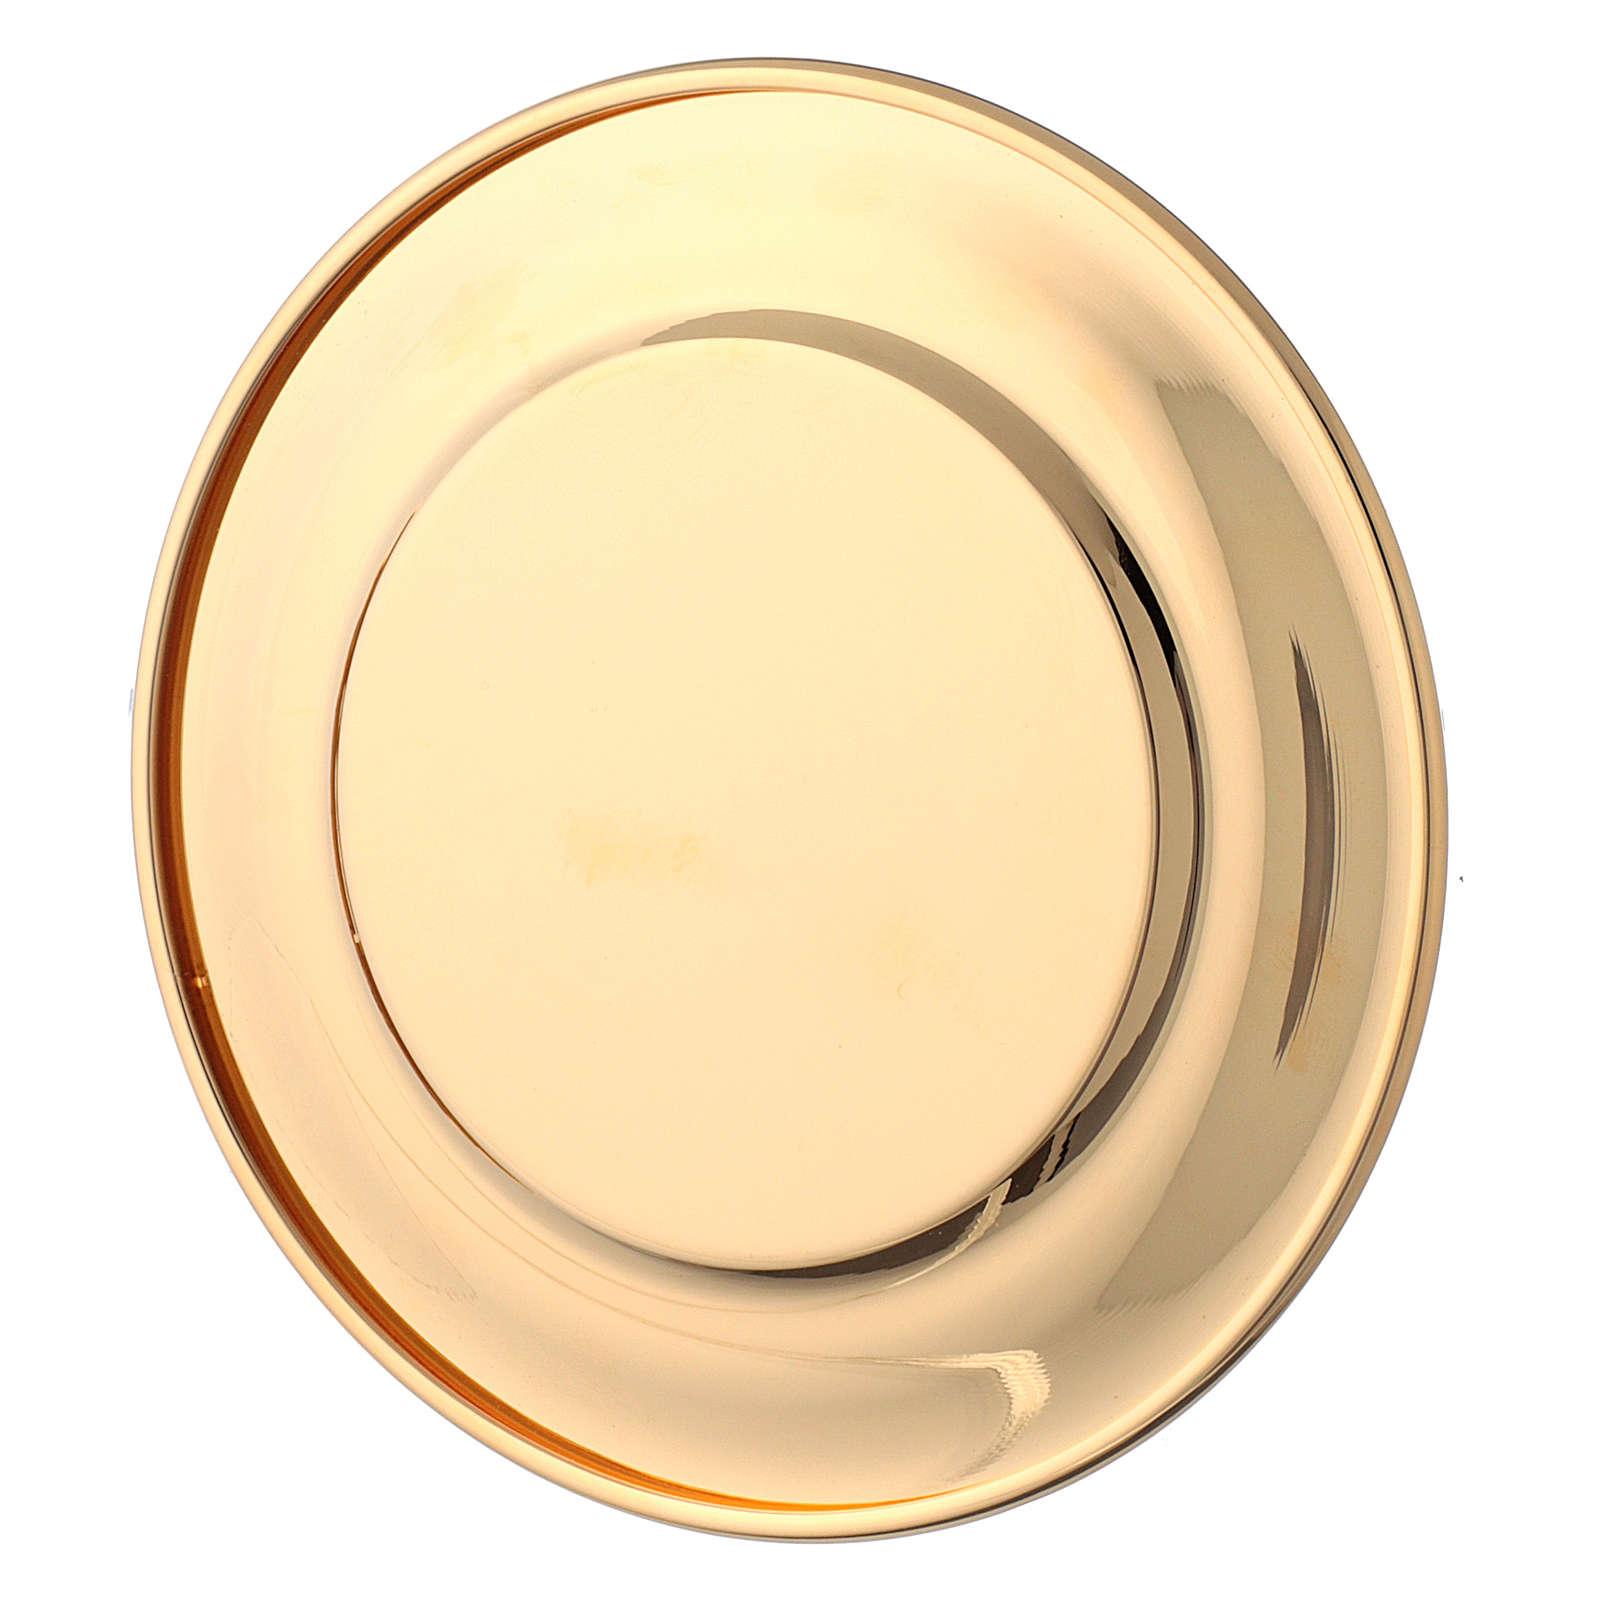 Brocca per il manutergio ottone dorato  3